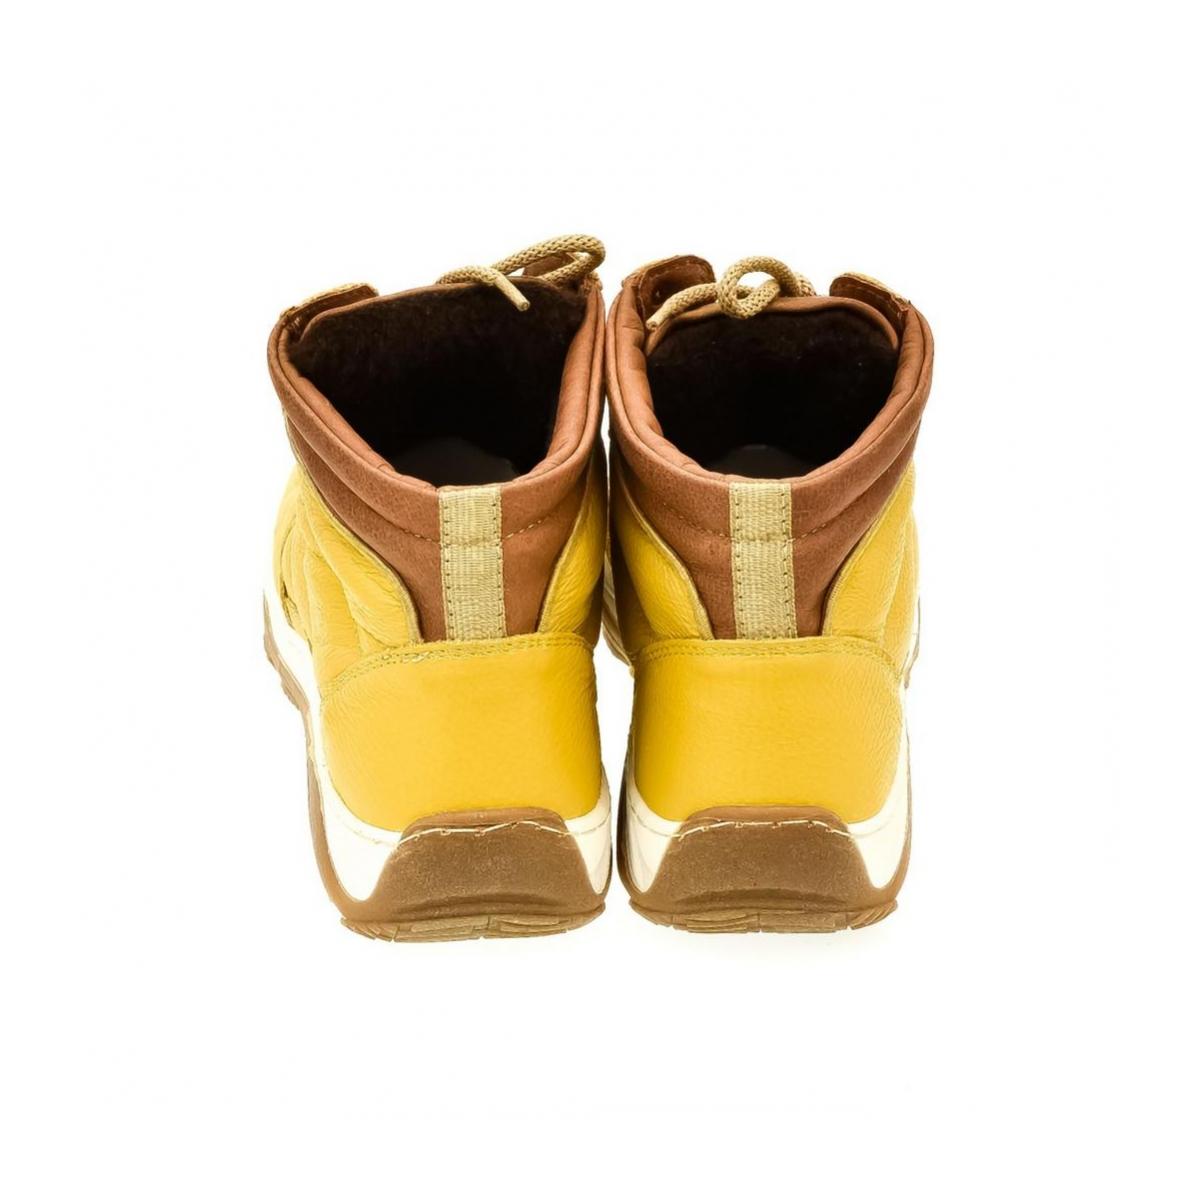 9a3796ba791c Pánske žlté kožené topánky CANO - 3